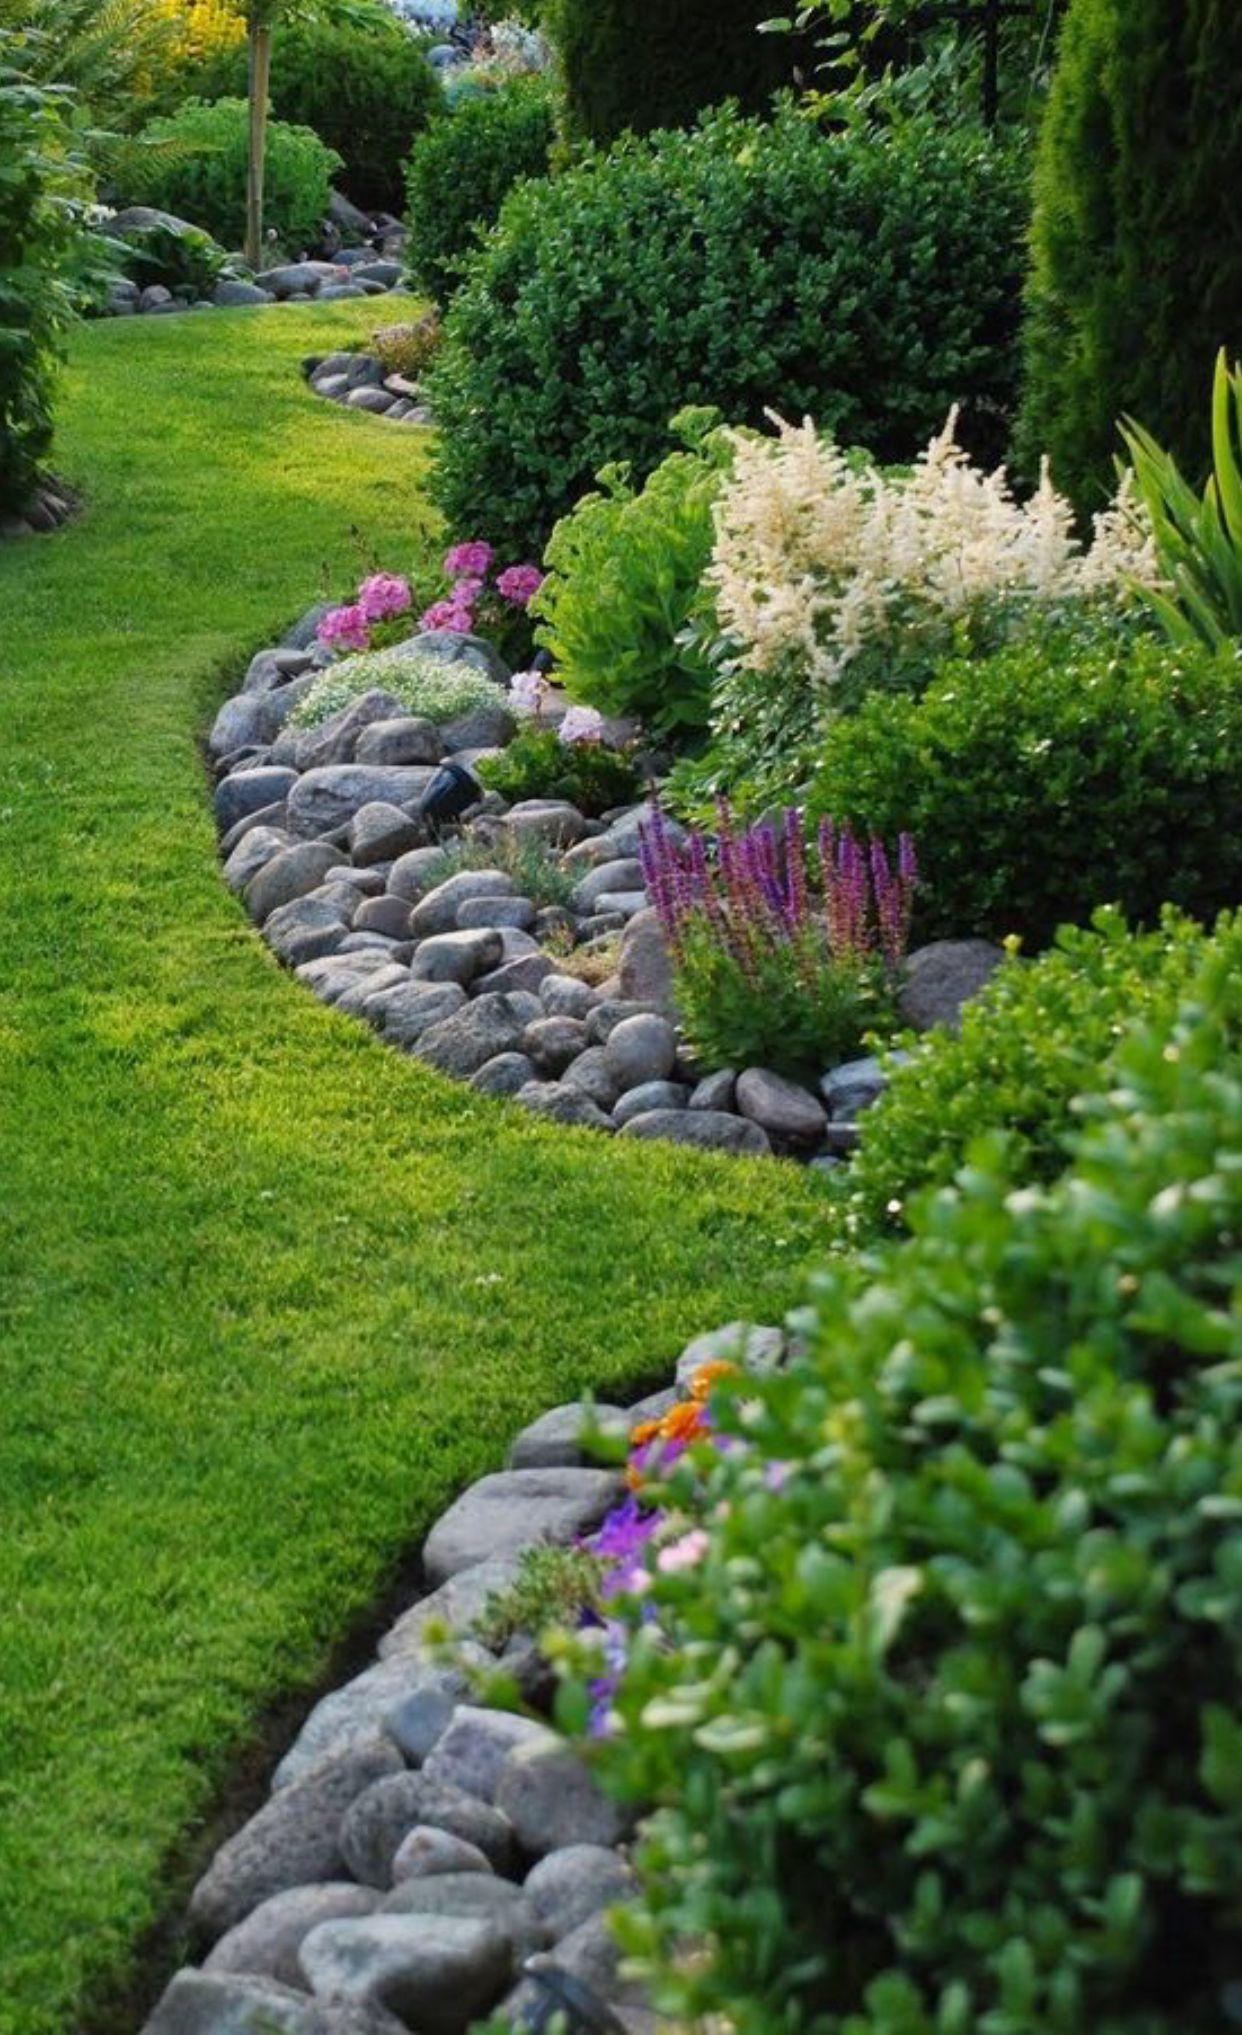 Krauterbeet Mit Steinen Warmt Und Spart Unkraut Jaten Small Backyard Landscaping Shed Landscaping Backyard Landscaping Designs